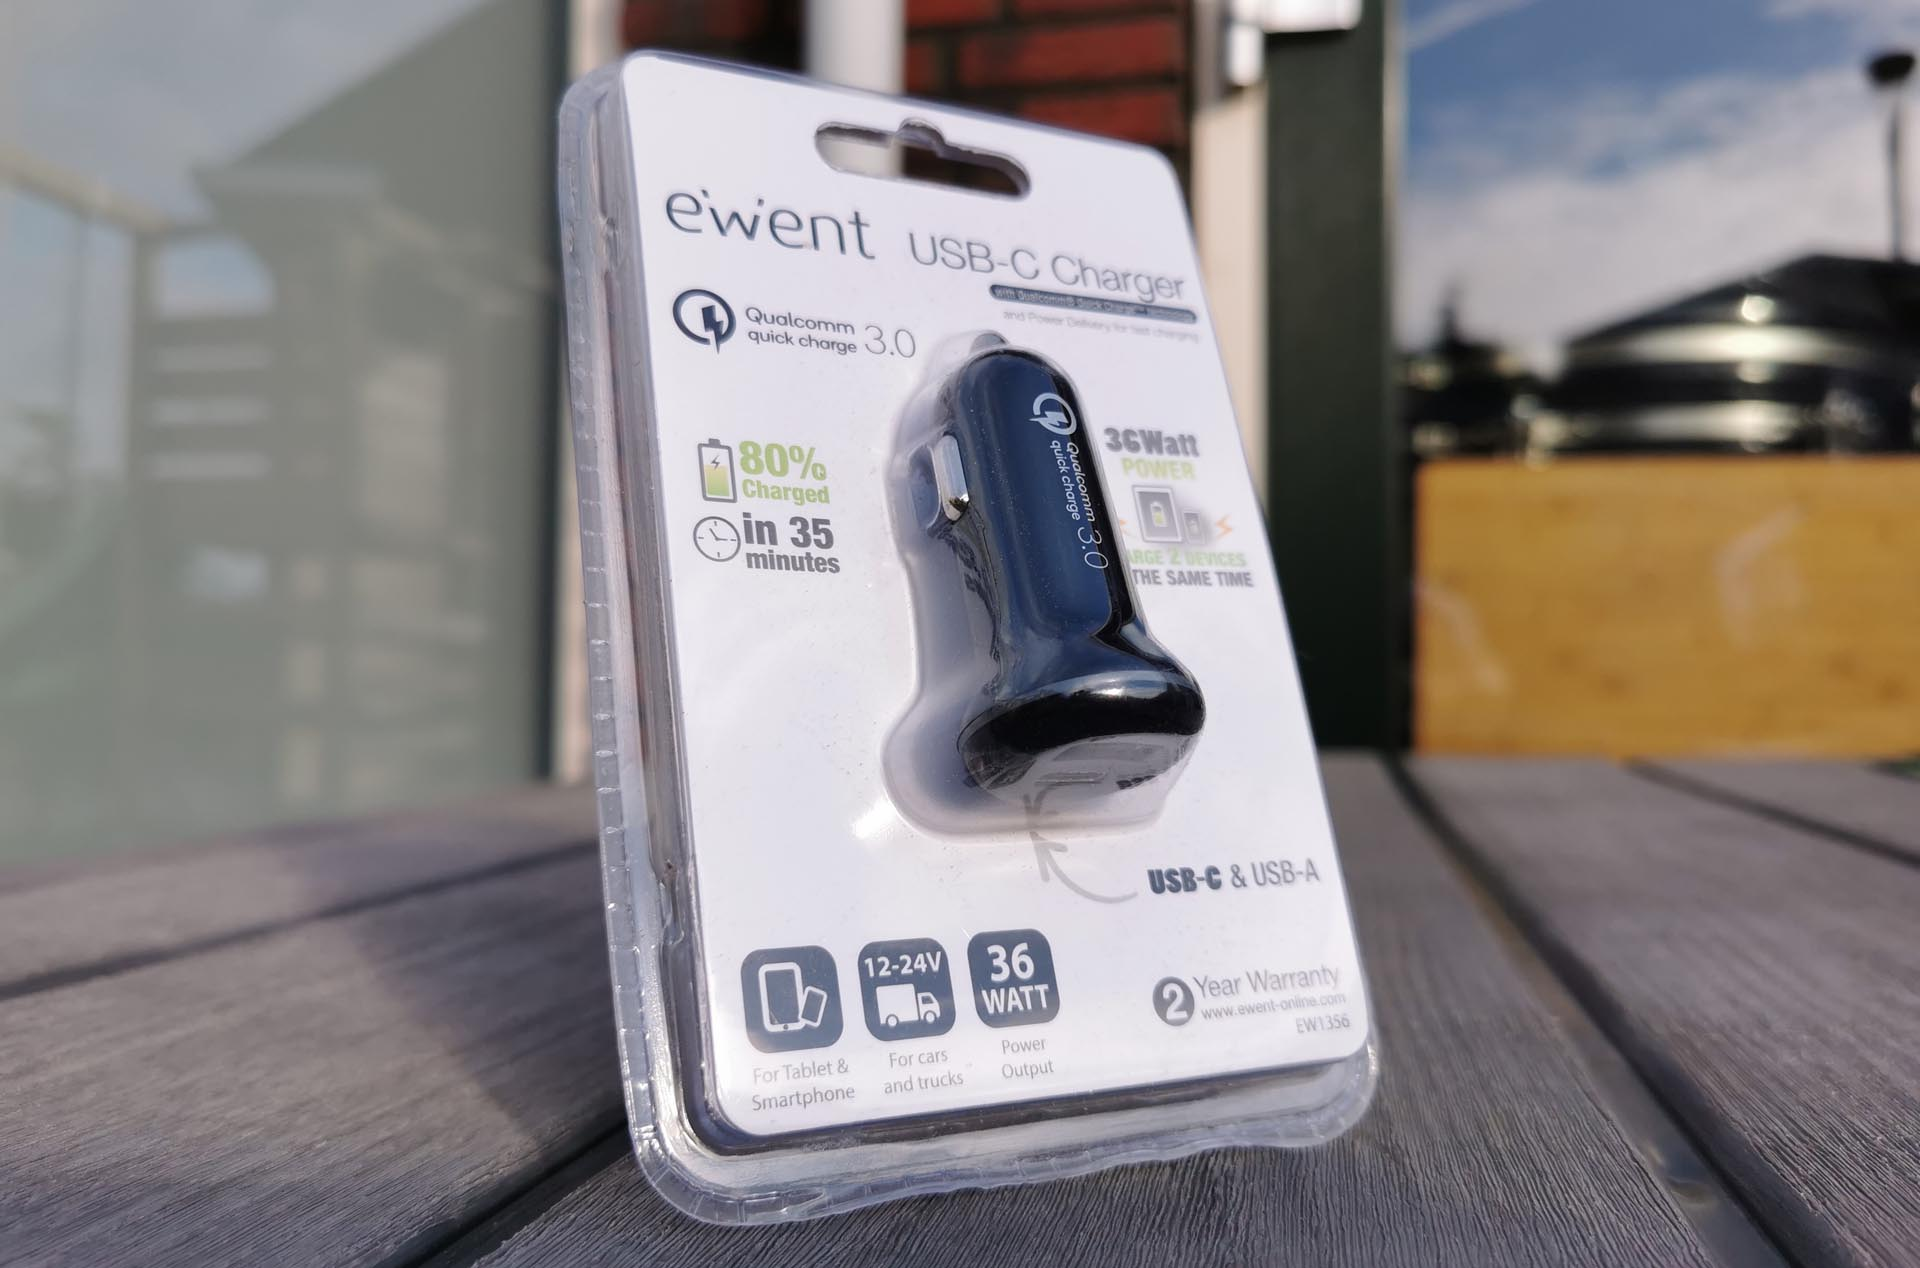 Ewent USB-C Charger 36 Watt EW1356 Verpakking